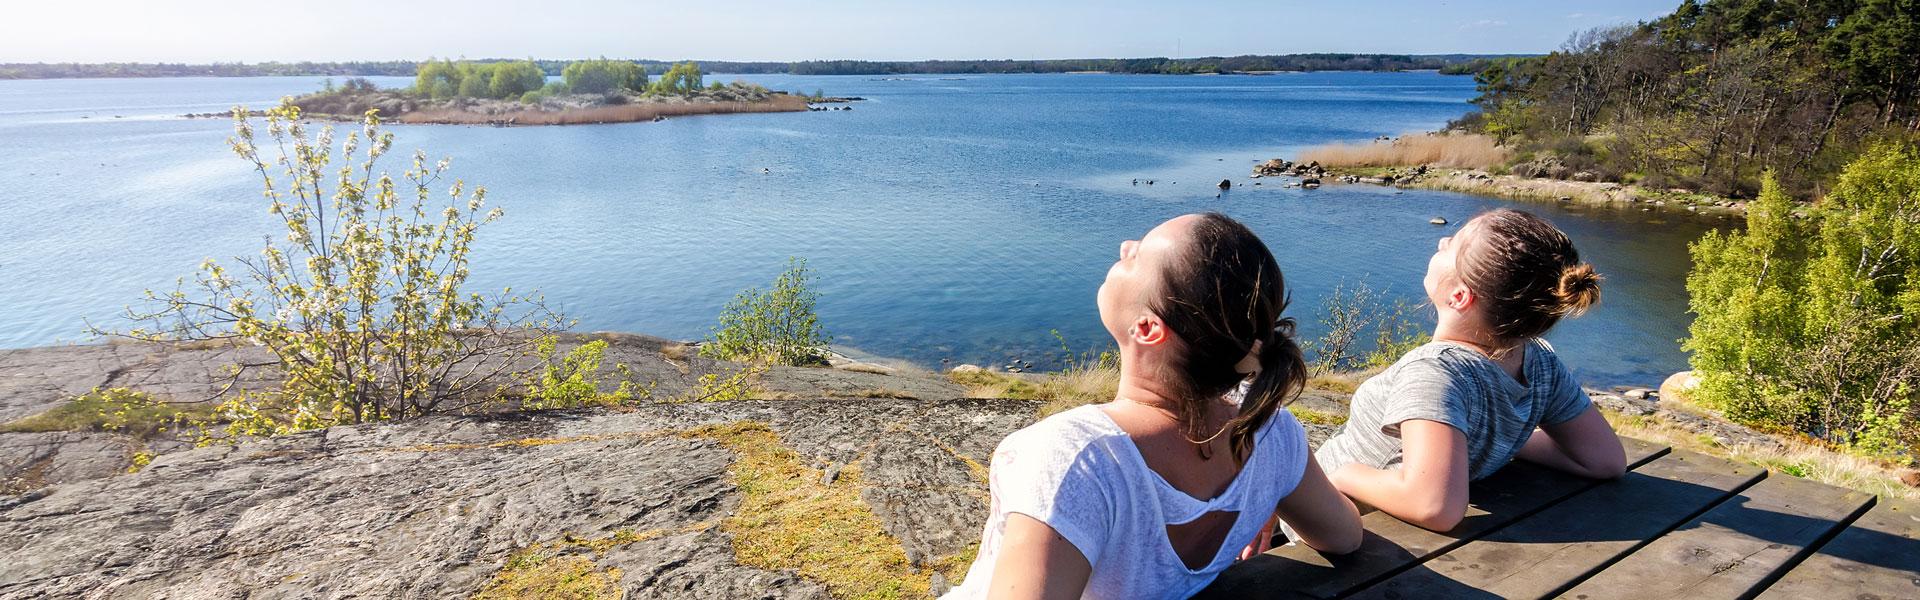 schären inseln entdecken auf der incentive reise nach stockholm von b-ceed